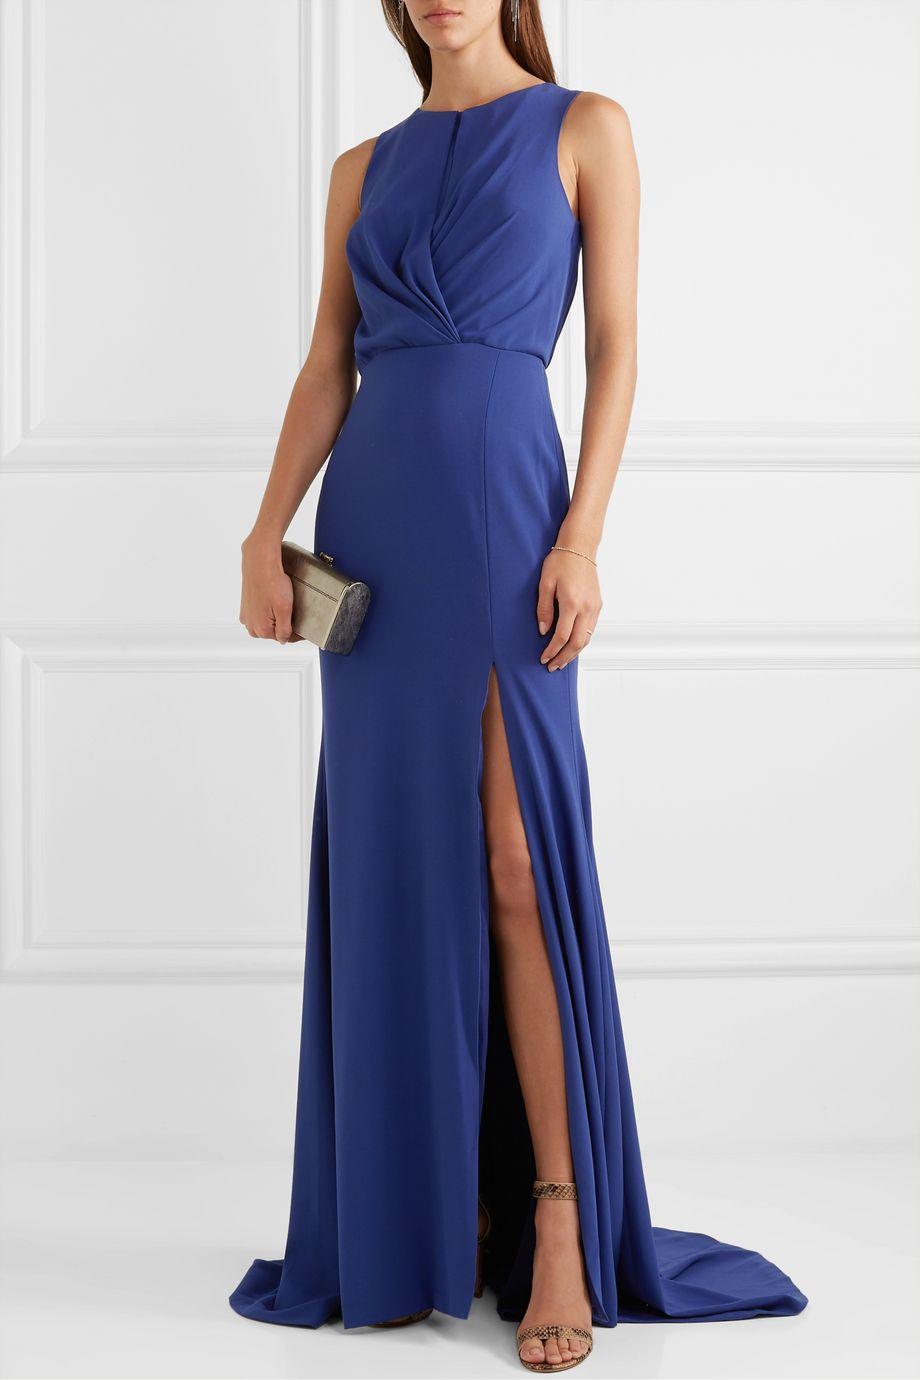 Burnett New York Twisted crepe gown